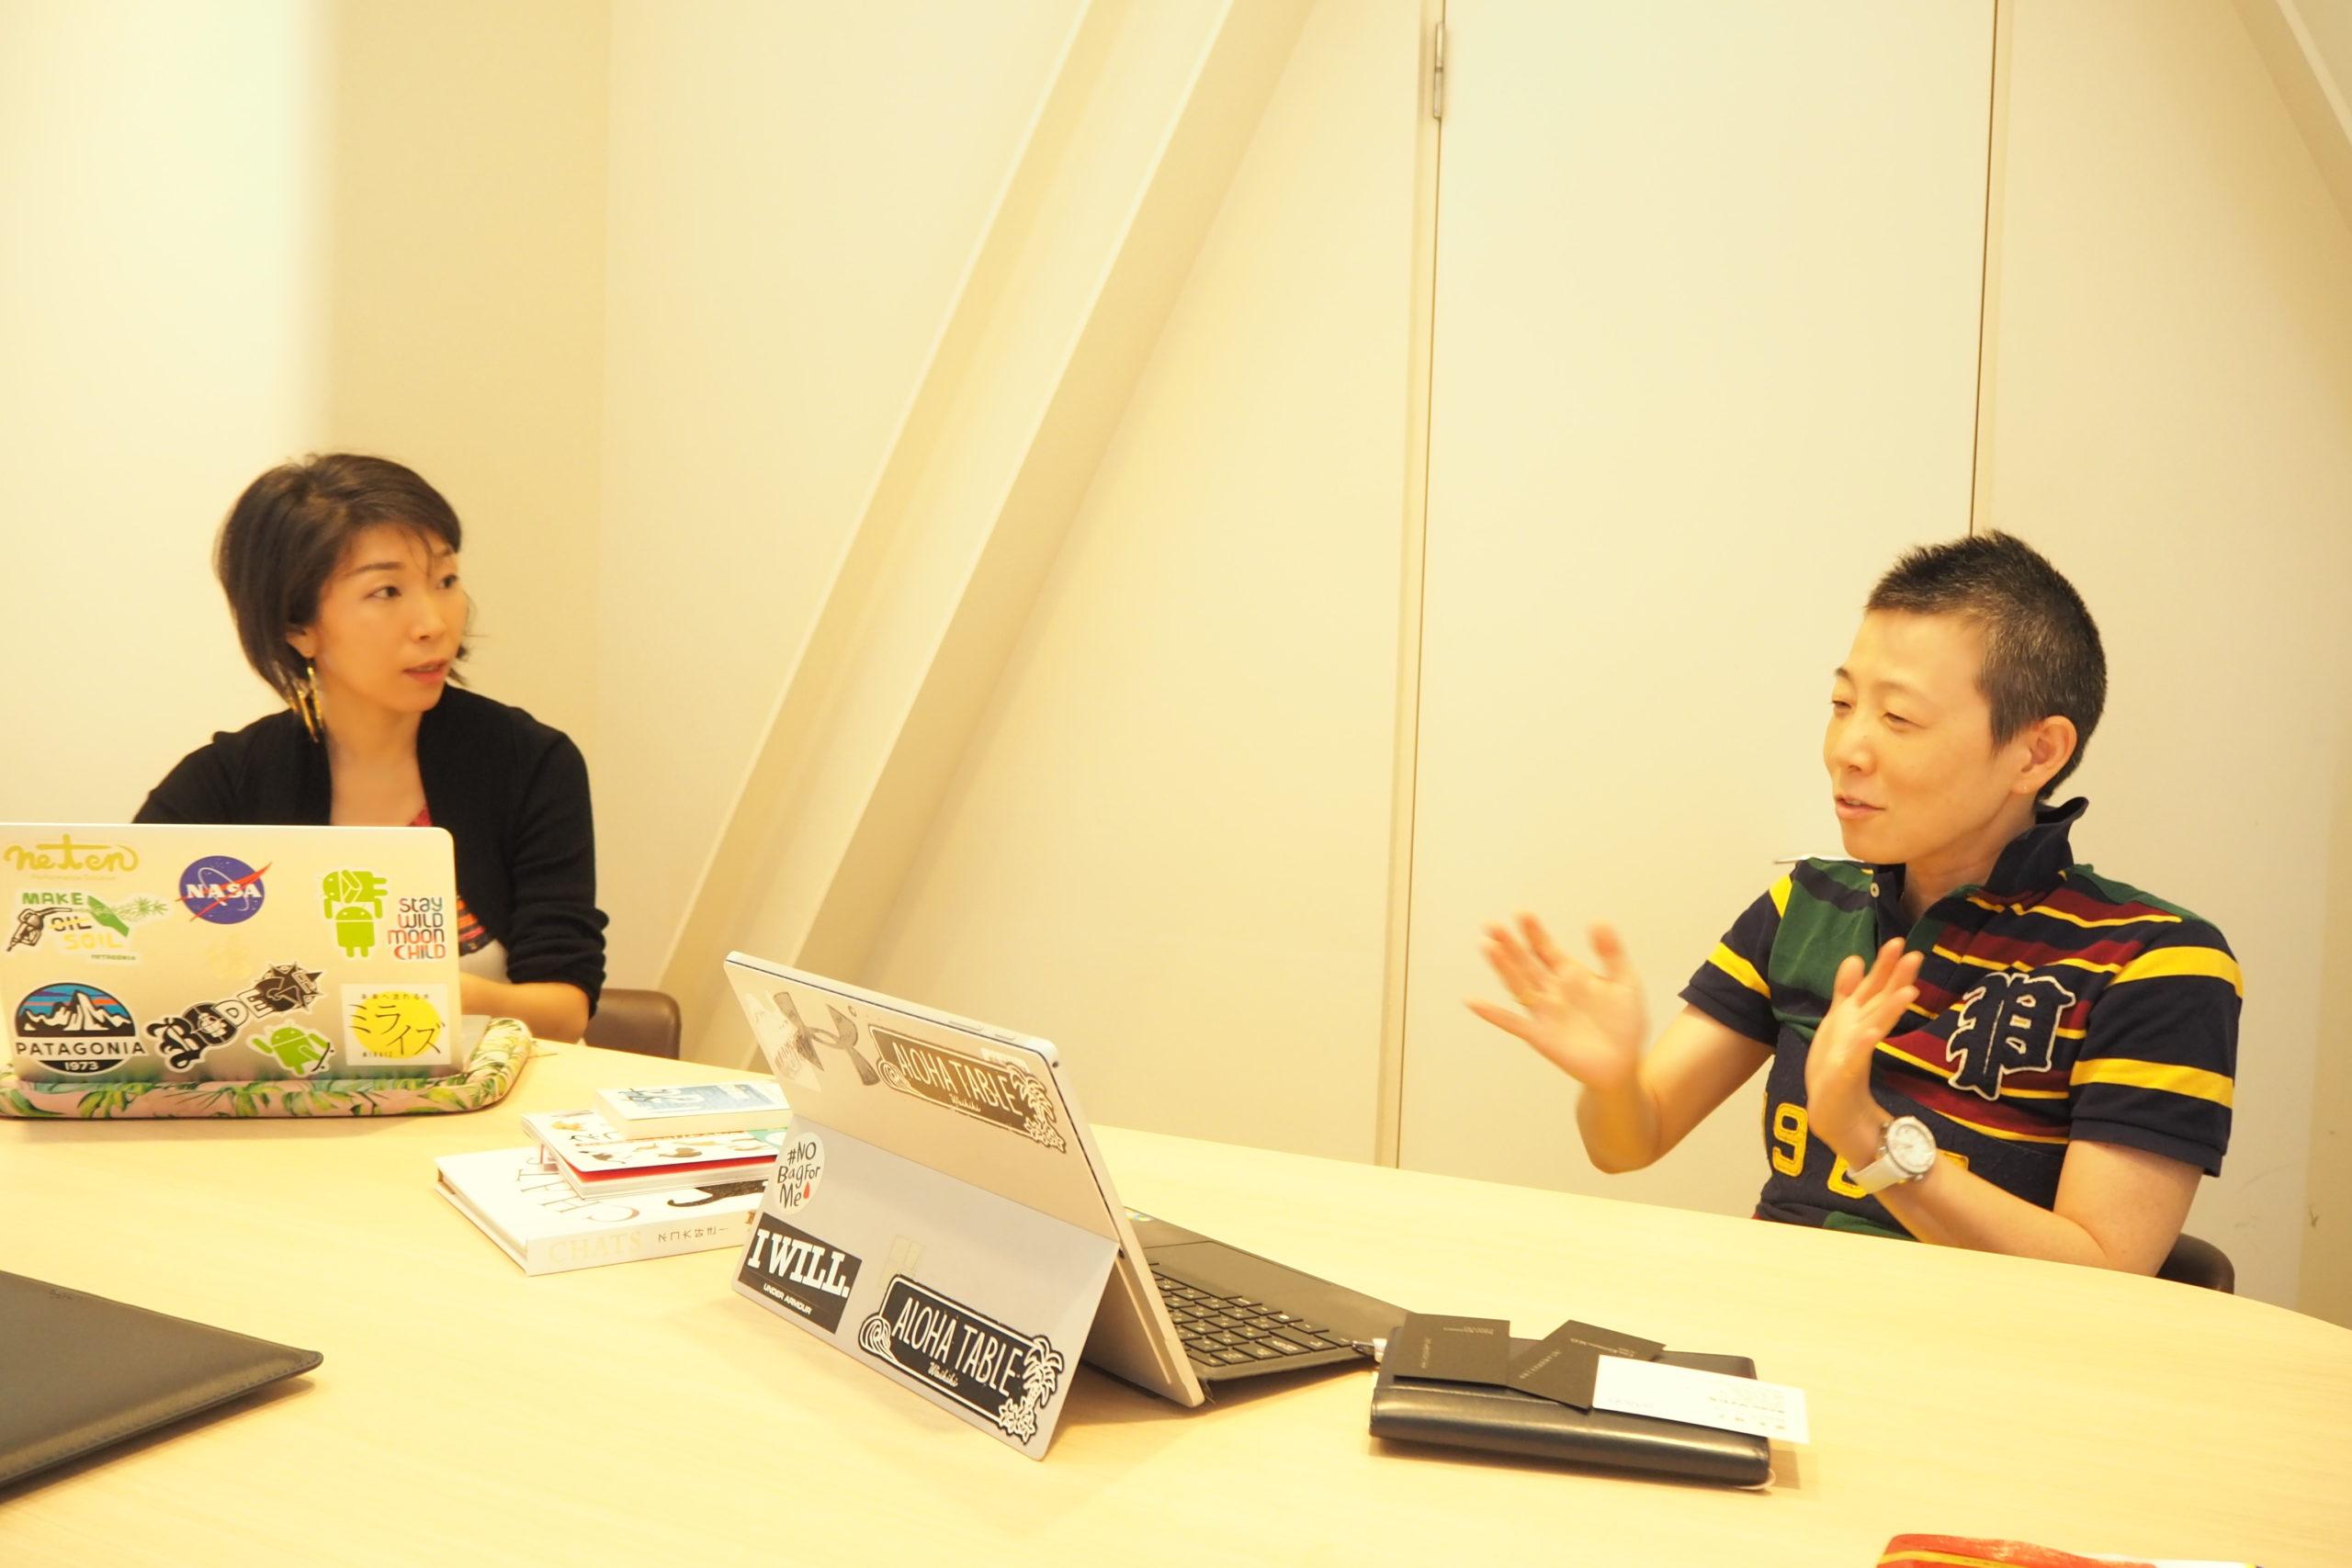 高尾美穂先生と桐村里紗先生